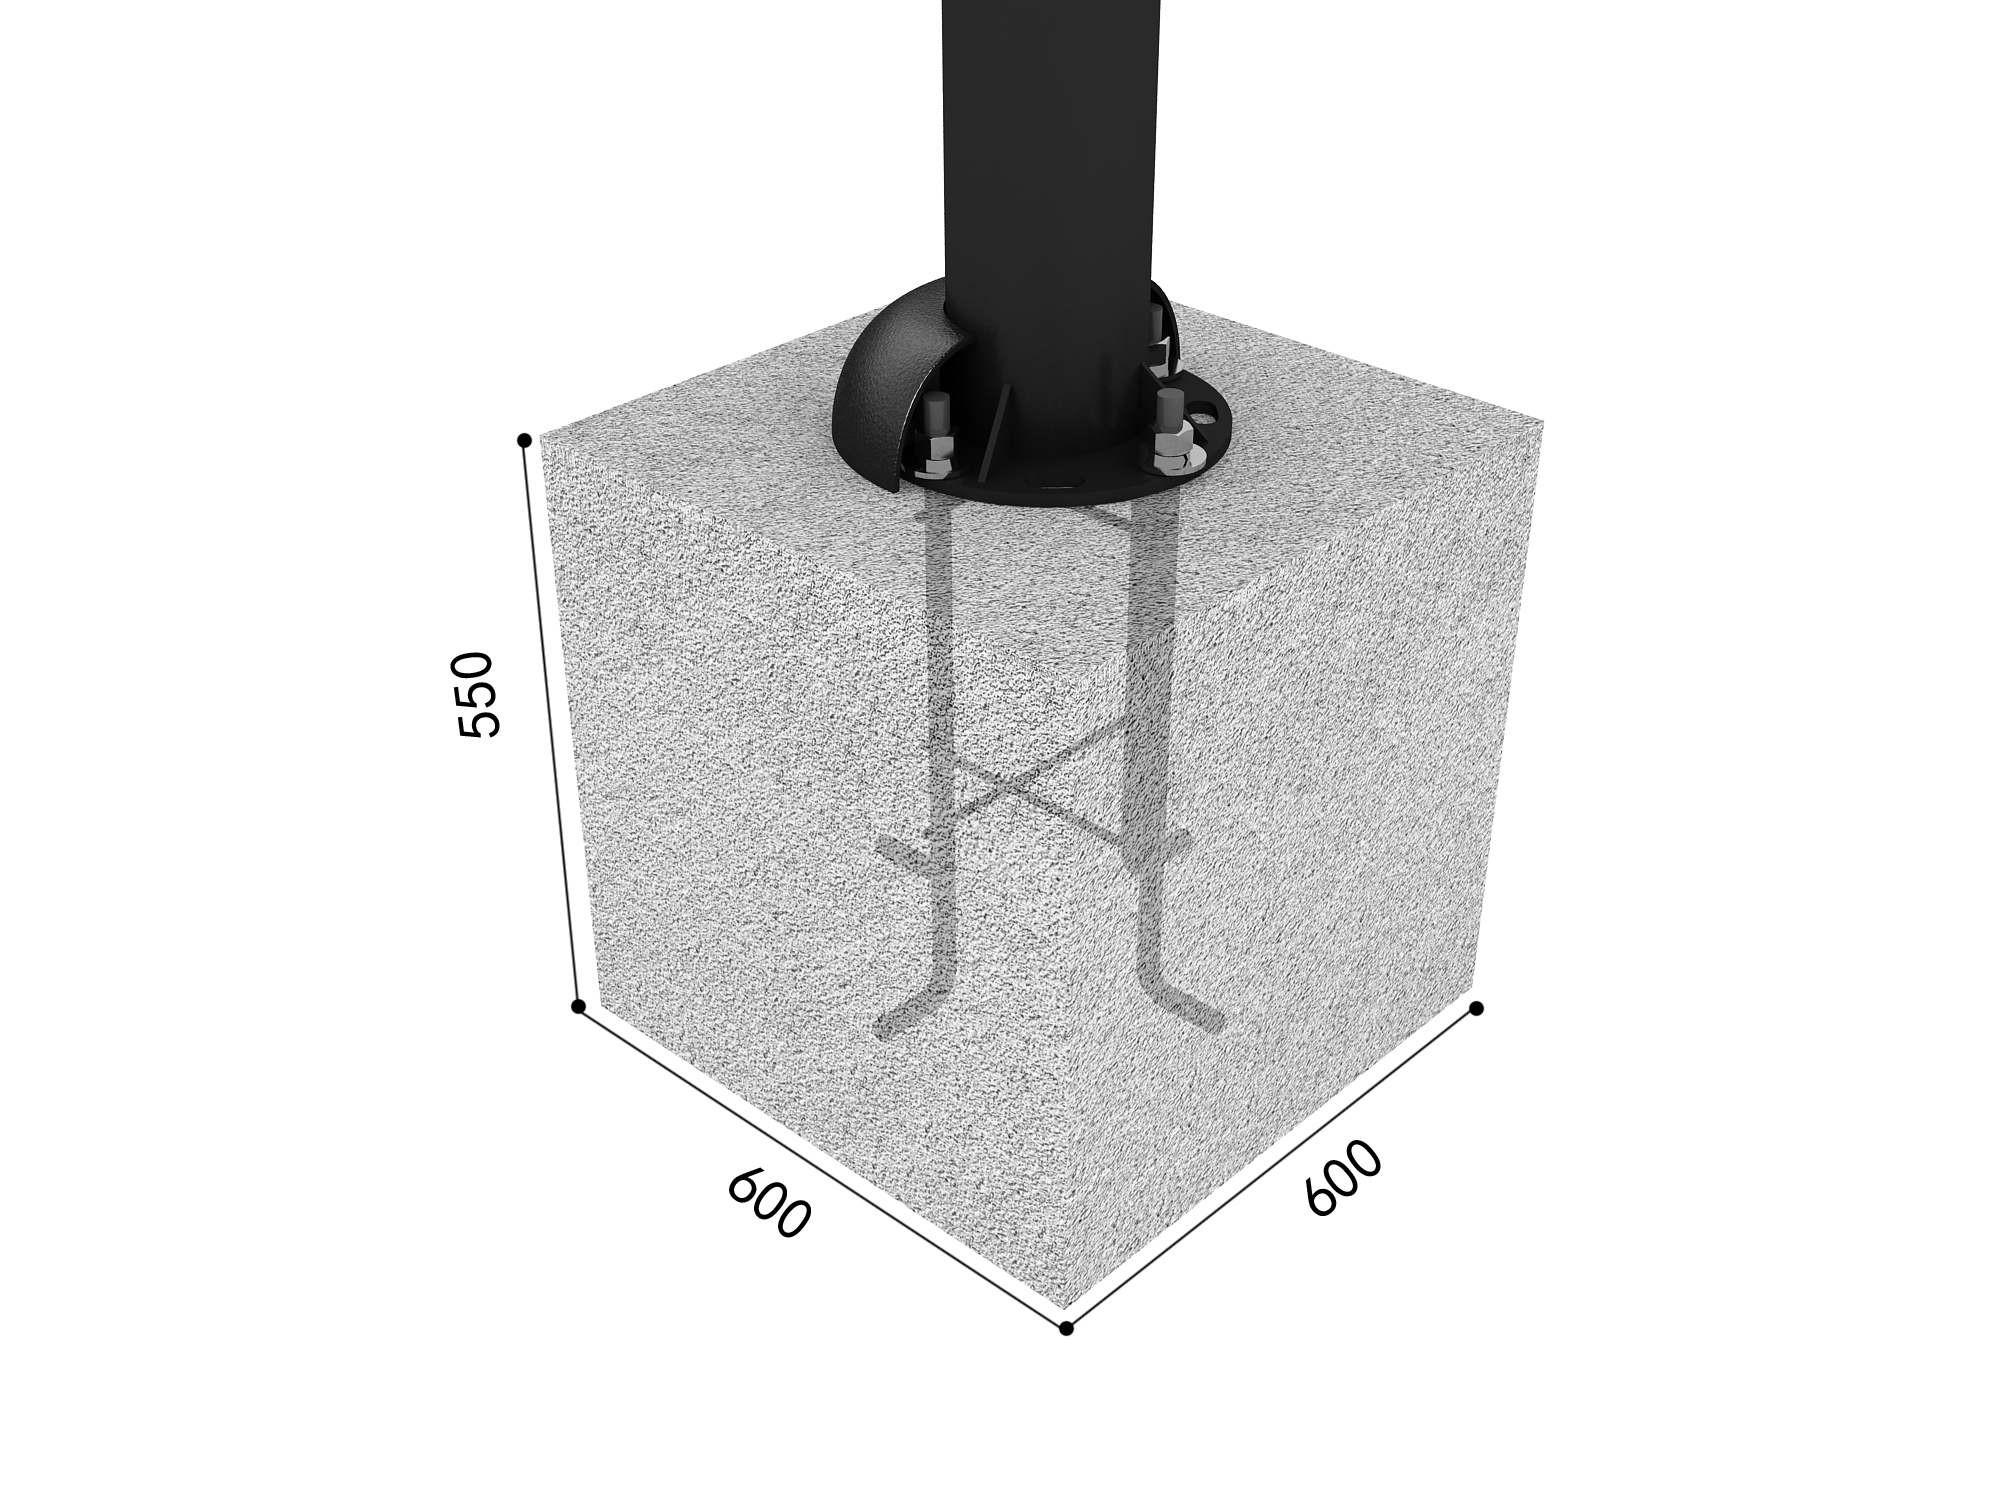 Blok betonowy ze stelażem stalowym (słup / noga) place zabaw projekty realizacje